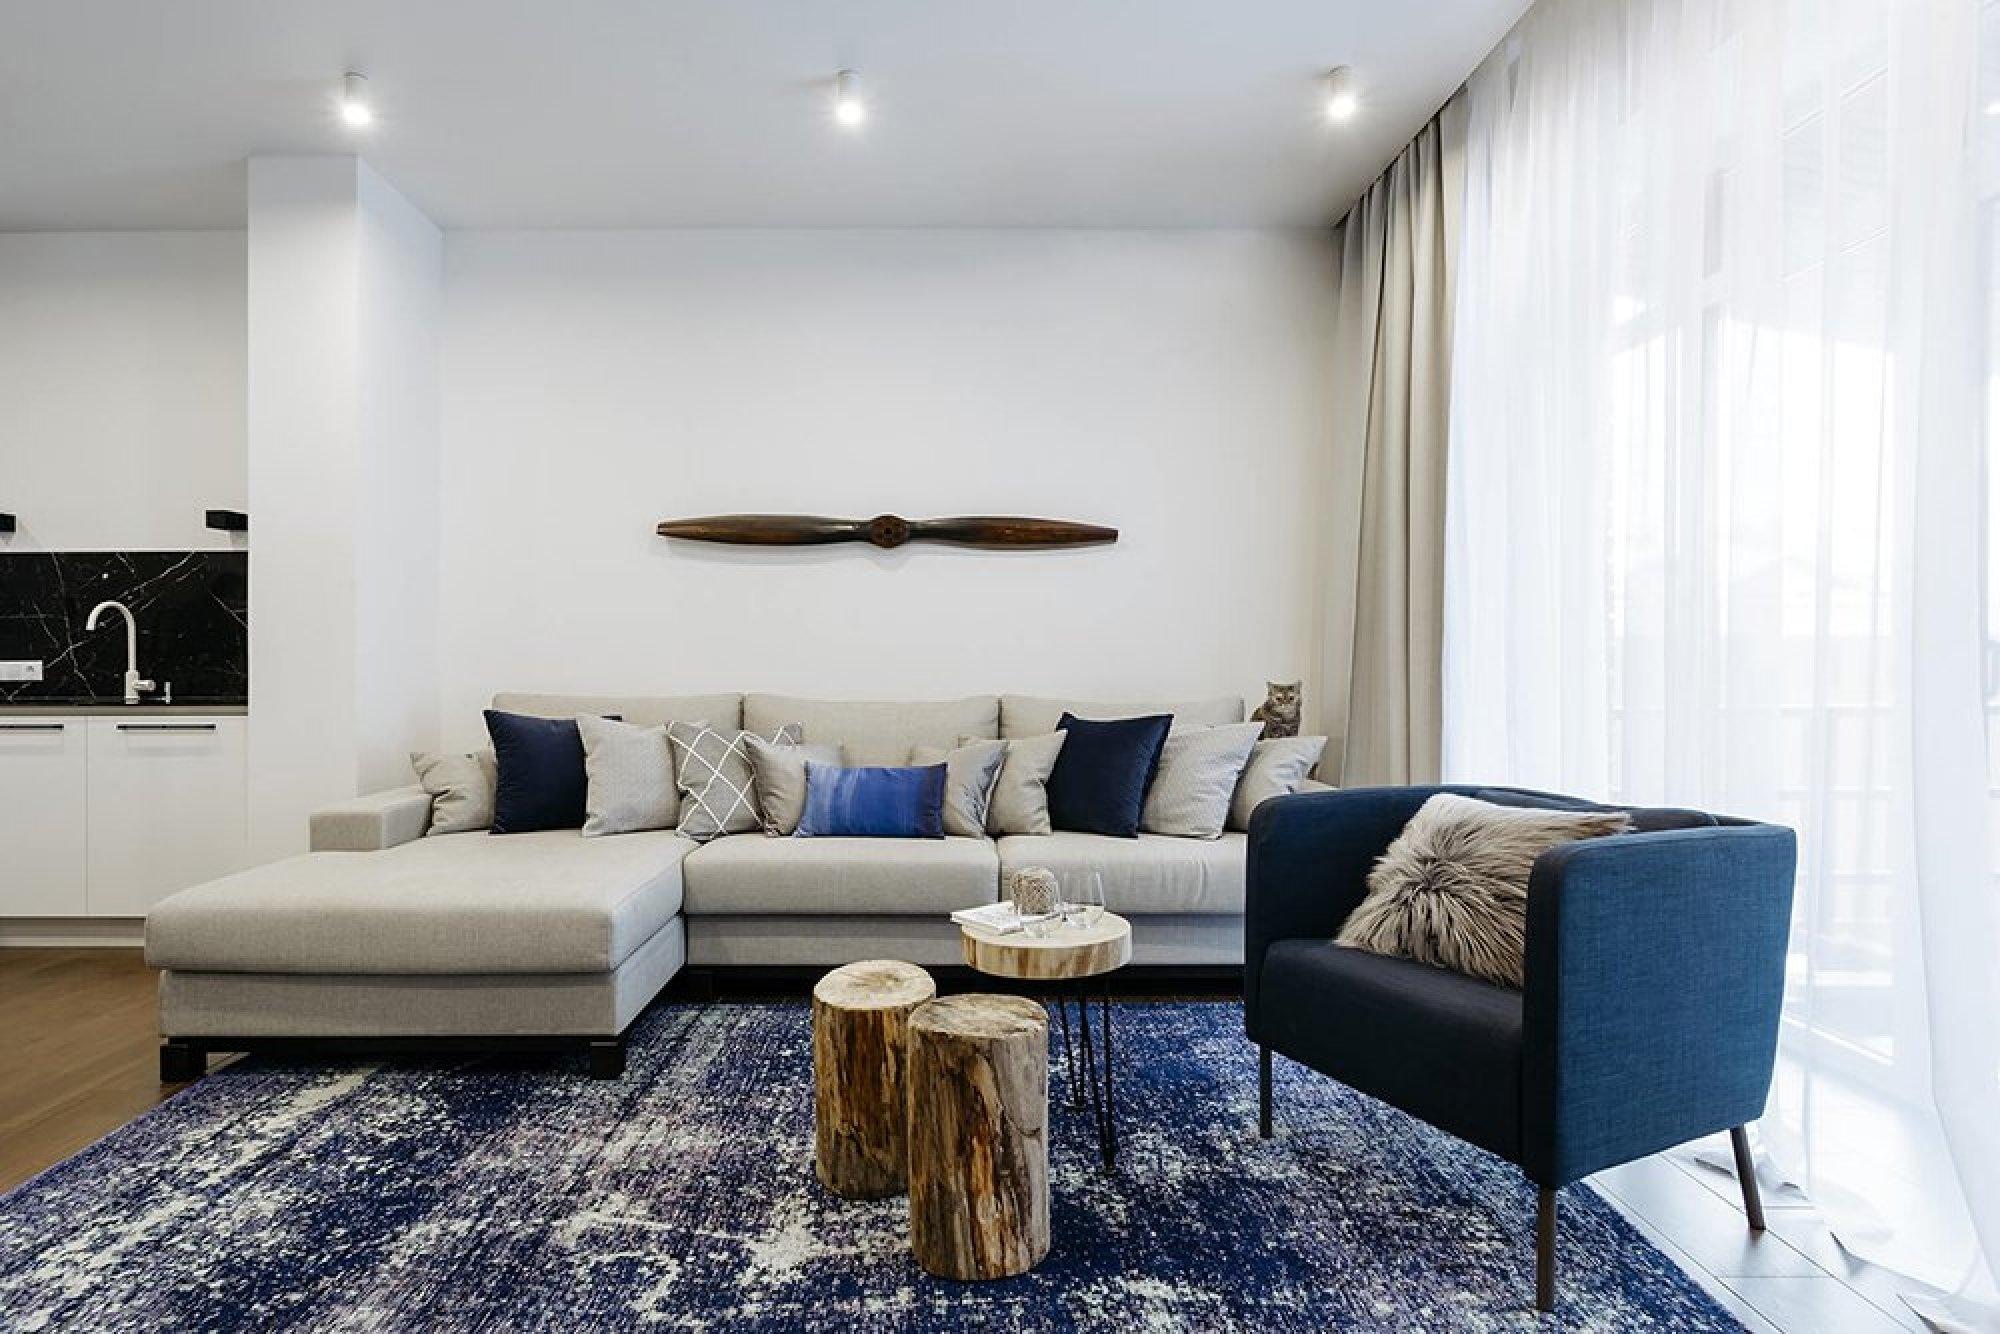 Какое освещение должно быть в квартире